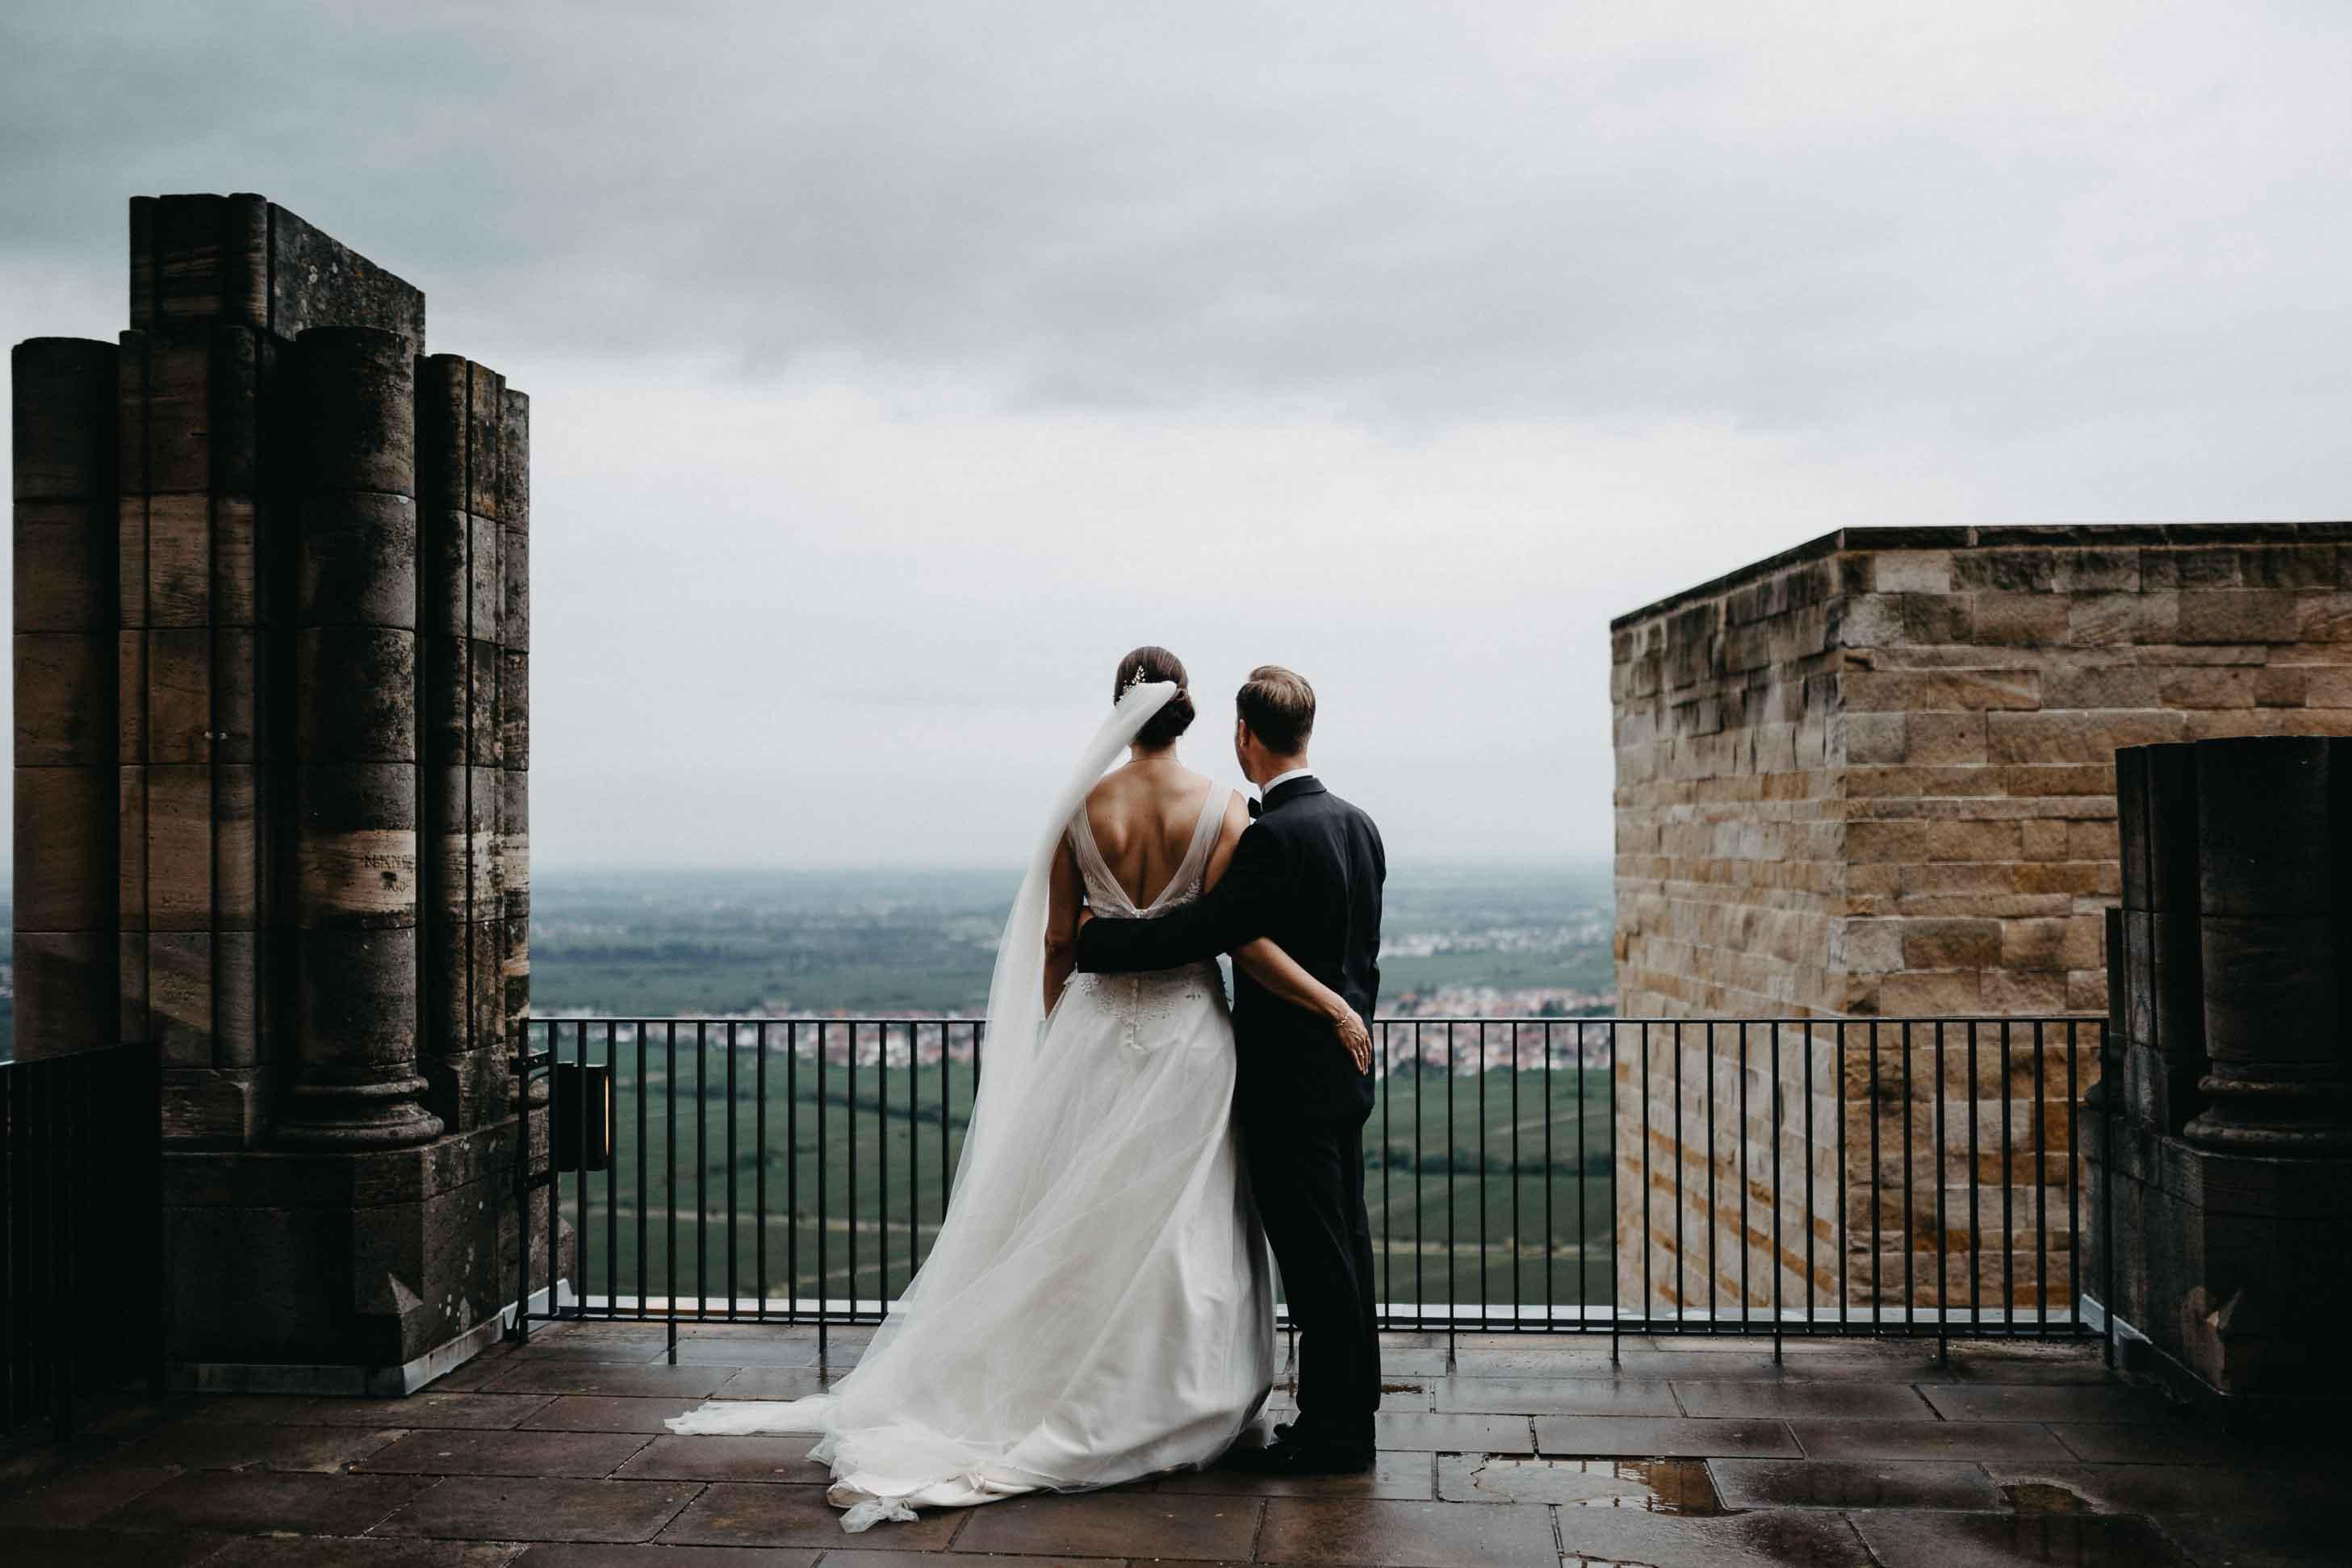 Das Brautpaar blickt von einem Schloss in die Ferne.